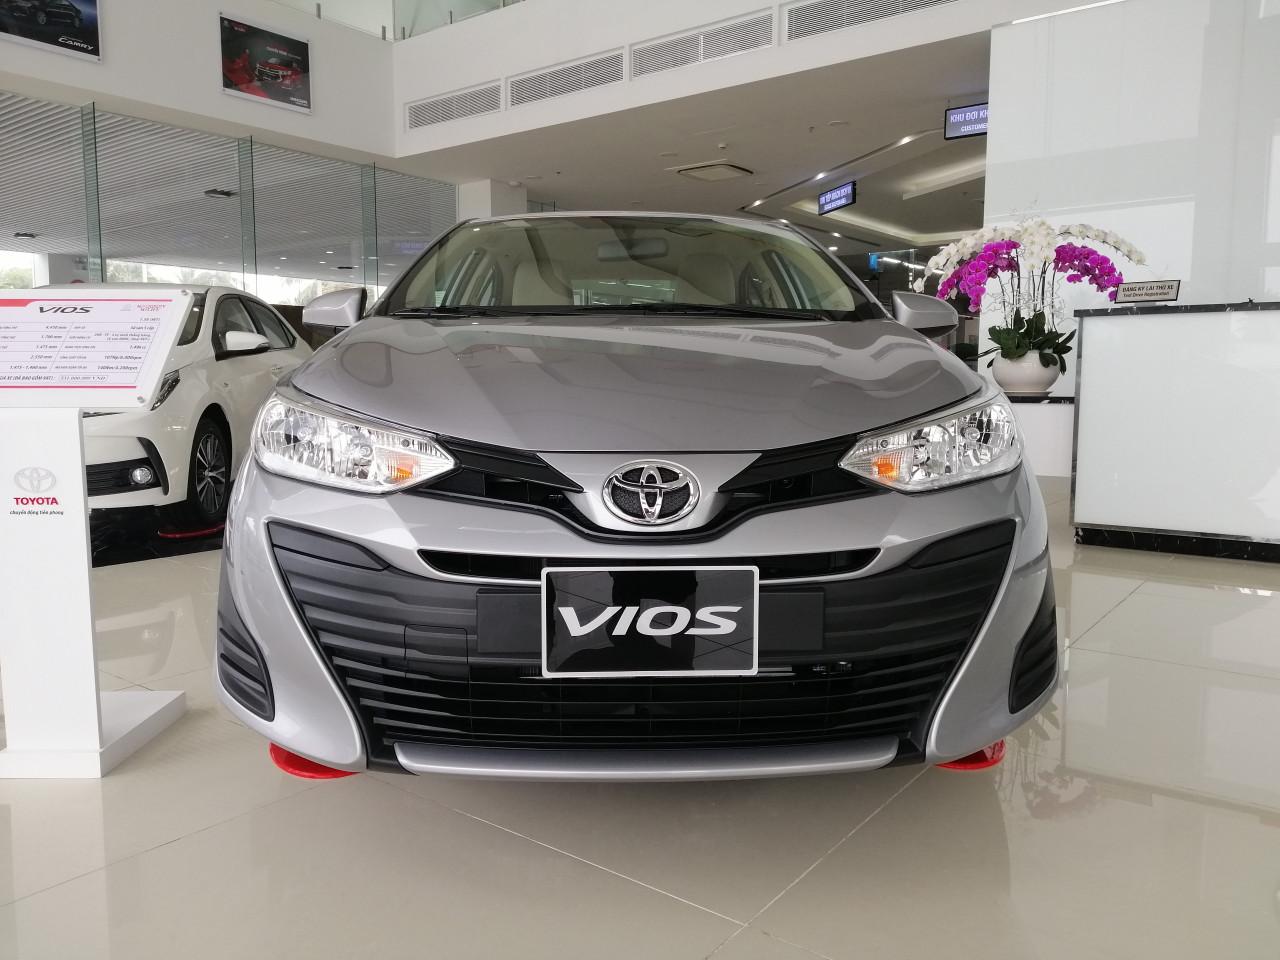 Bán Toyota Vios E Số Sàn Năm 2019 Mới 100%. Hỗ Trợ Trả Góp